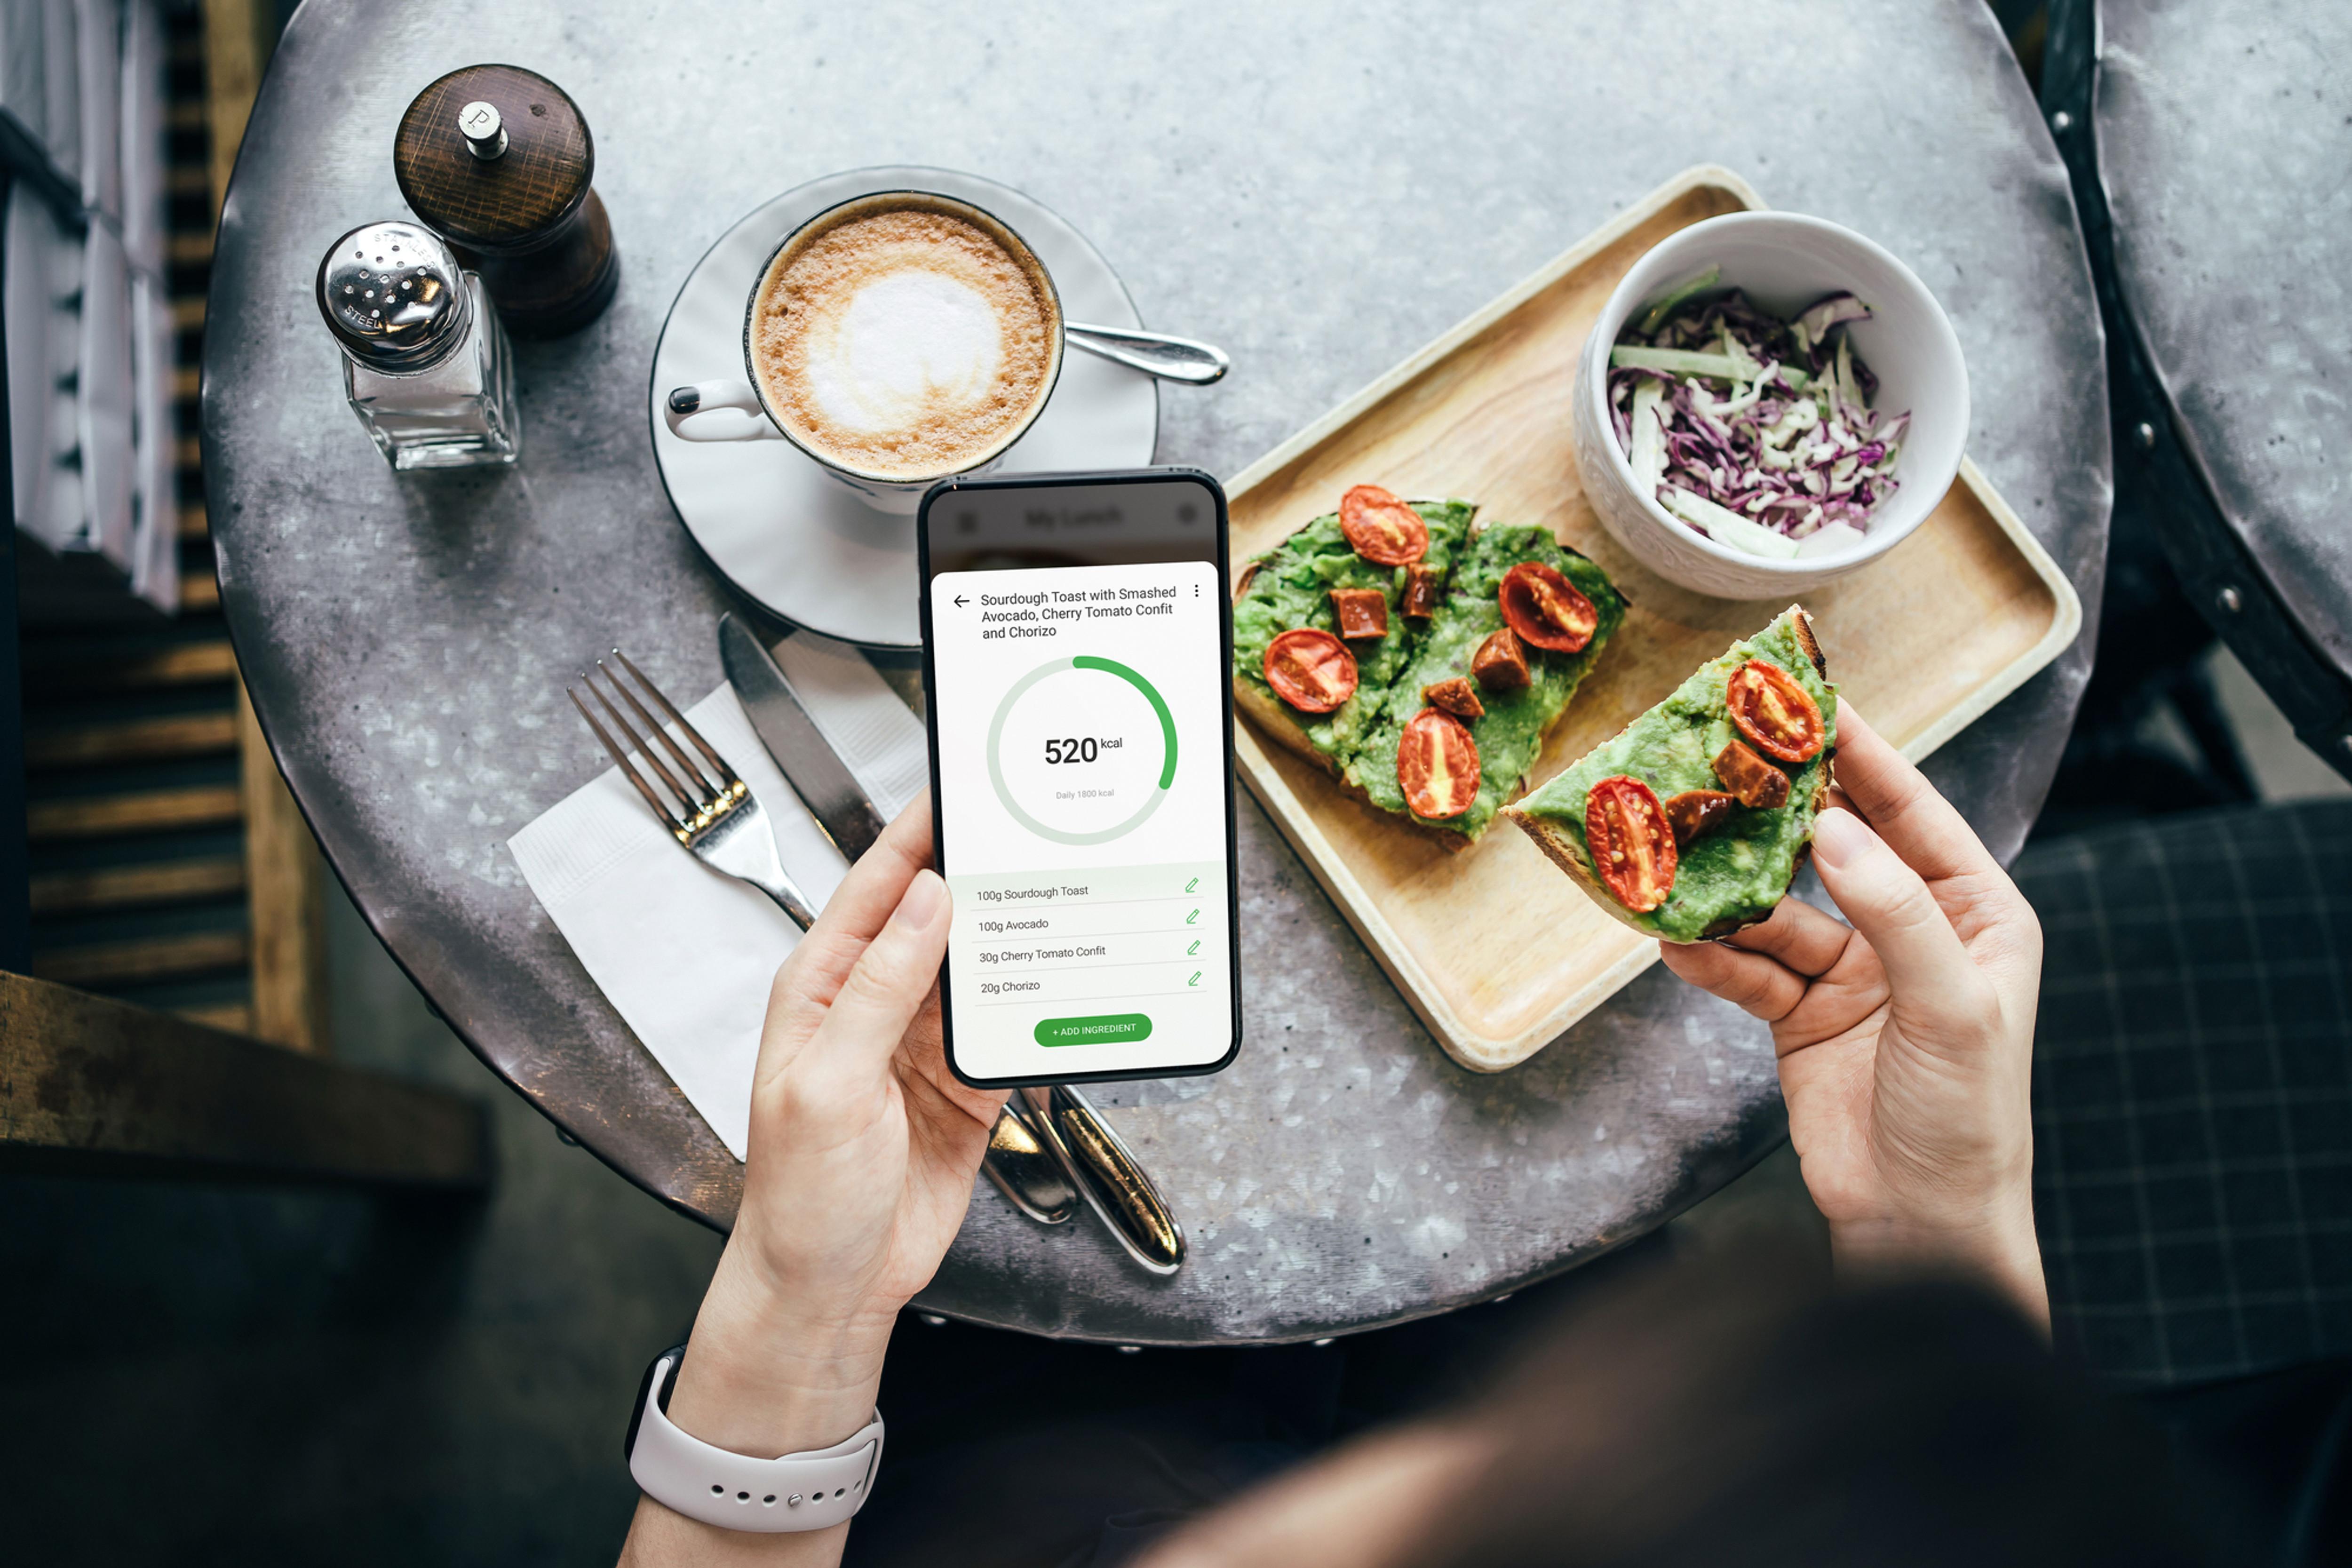 Bilan diététique - En ligne